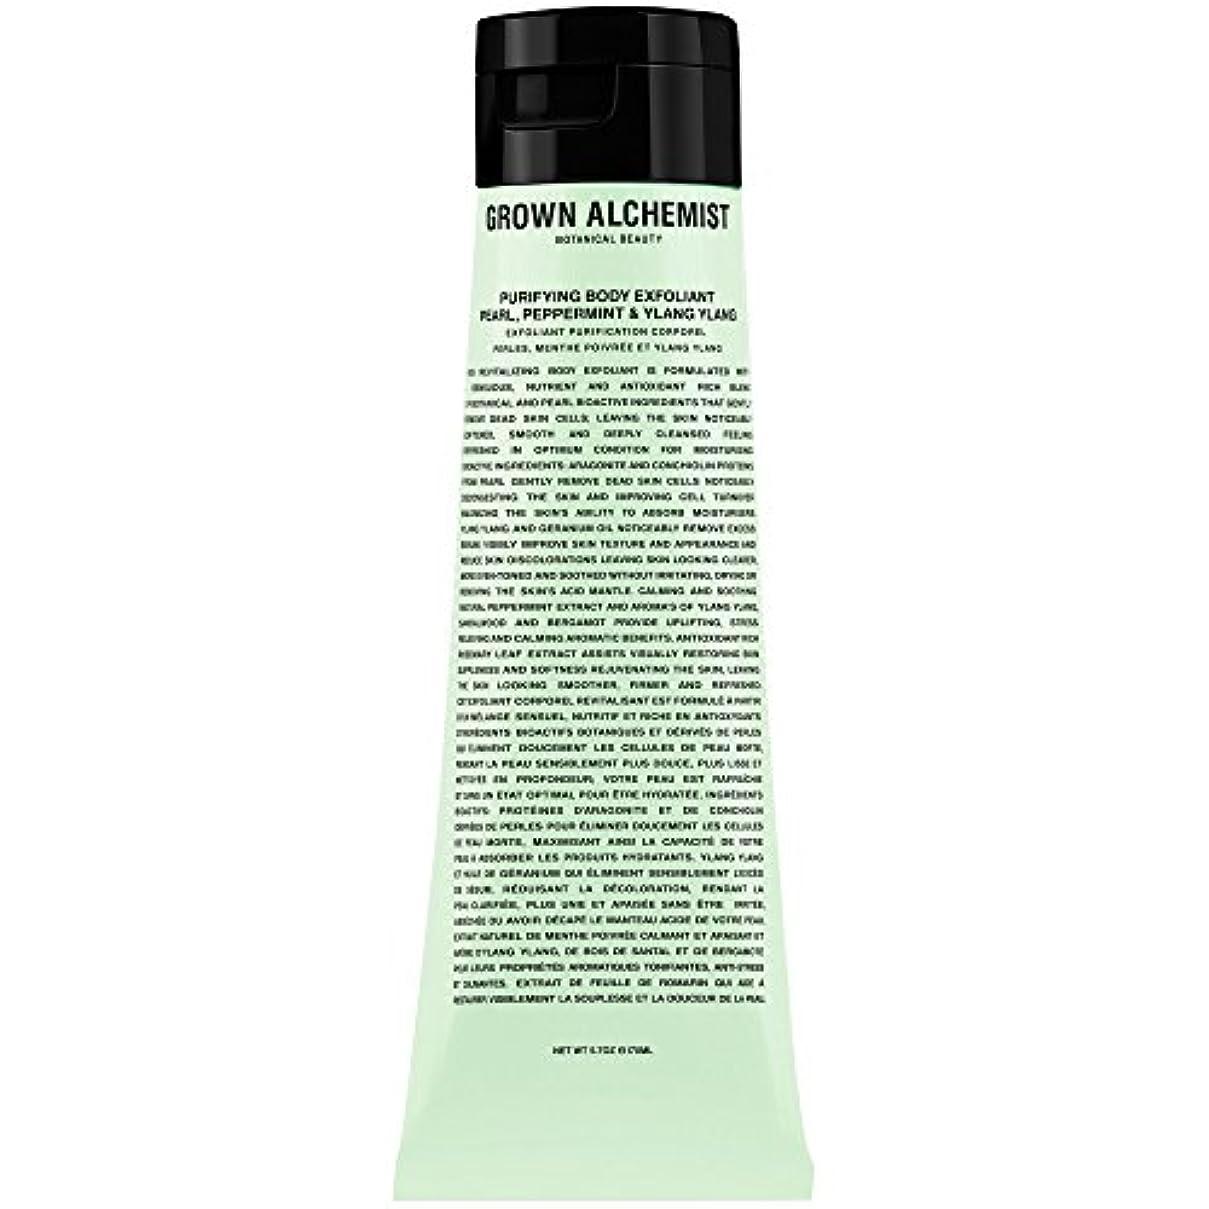 移植絡まる固体成長した錬金術師浄化体剥脱真珠ペパーミント&イランイラン170ミリリットル (Grown Alchemist) (x6) - Grown Alchemist Purifying Body Exfoliant Pearl...